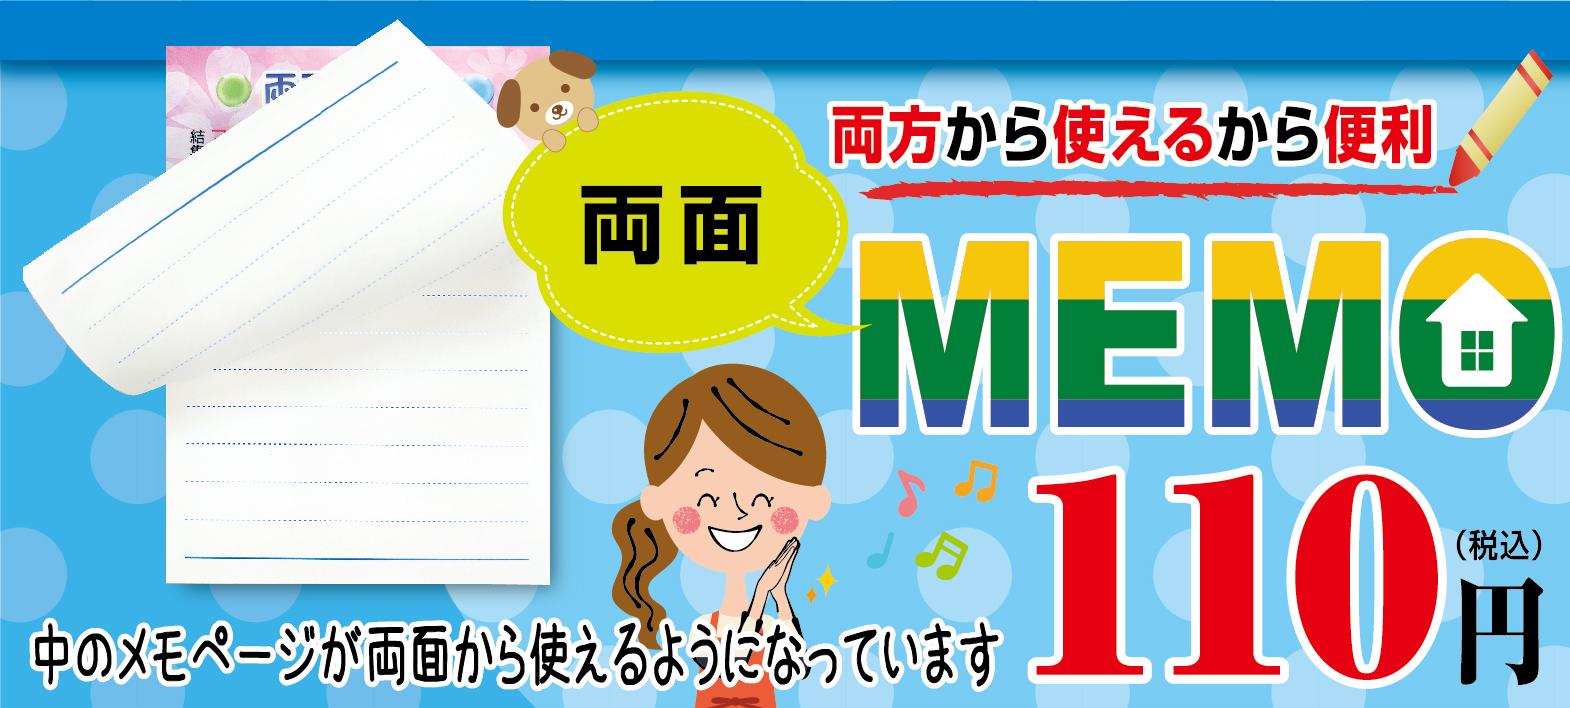 新TOPページ両面MEMOバナー